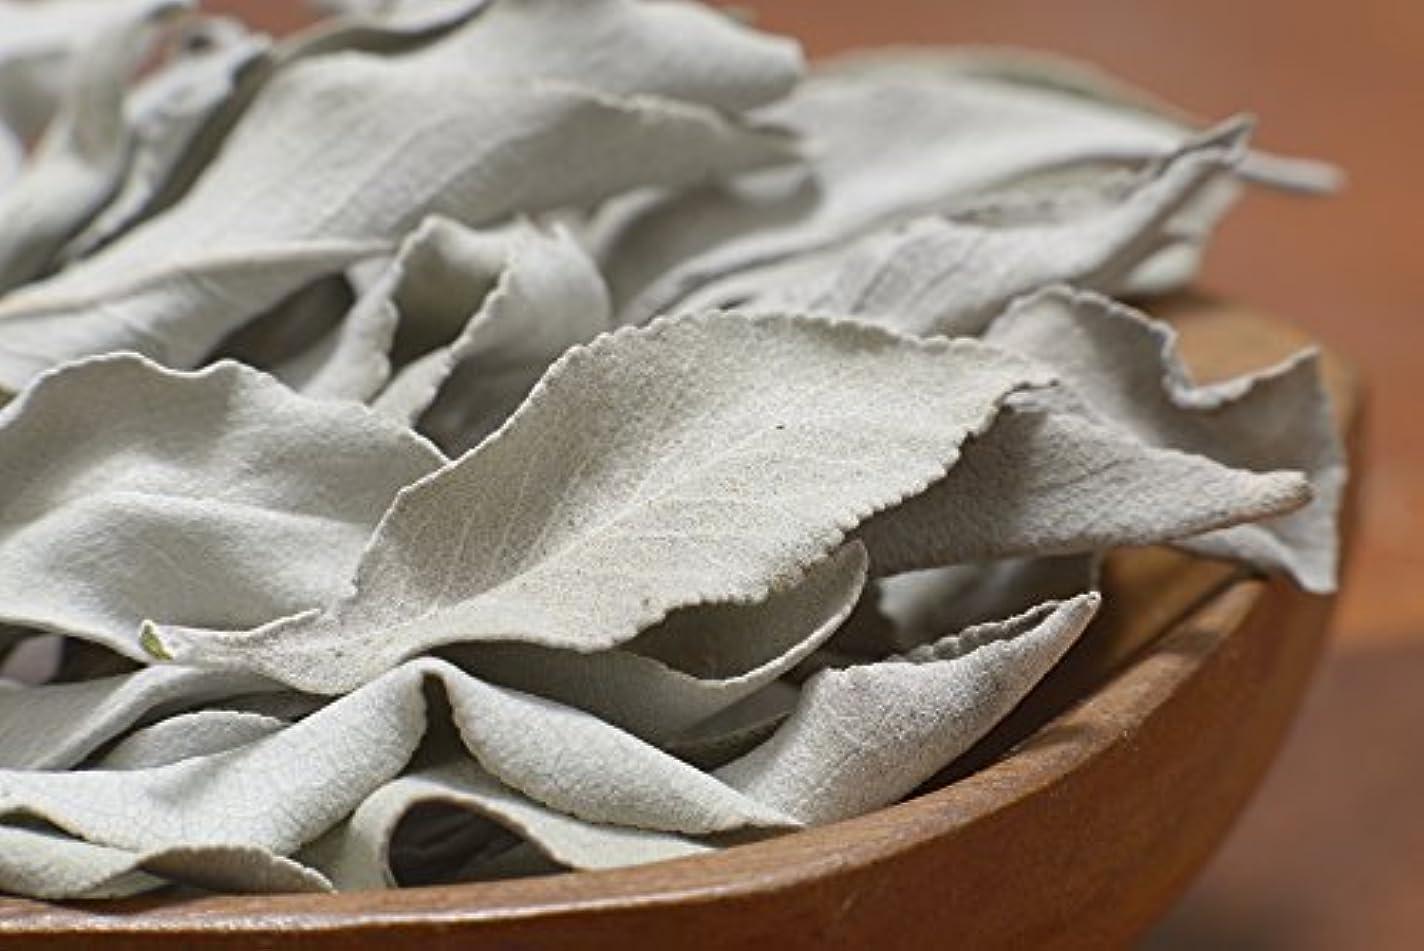 気絶させる破壊高価な最高級カリフォルニア産オーガニック ホワイトセージ 50g入り (葉+茎タイプ) 無農薬栽培 浄化用 スマッジング用として